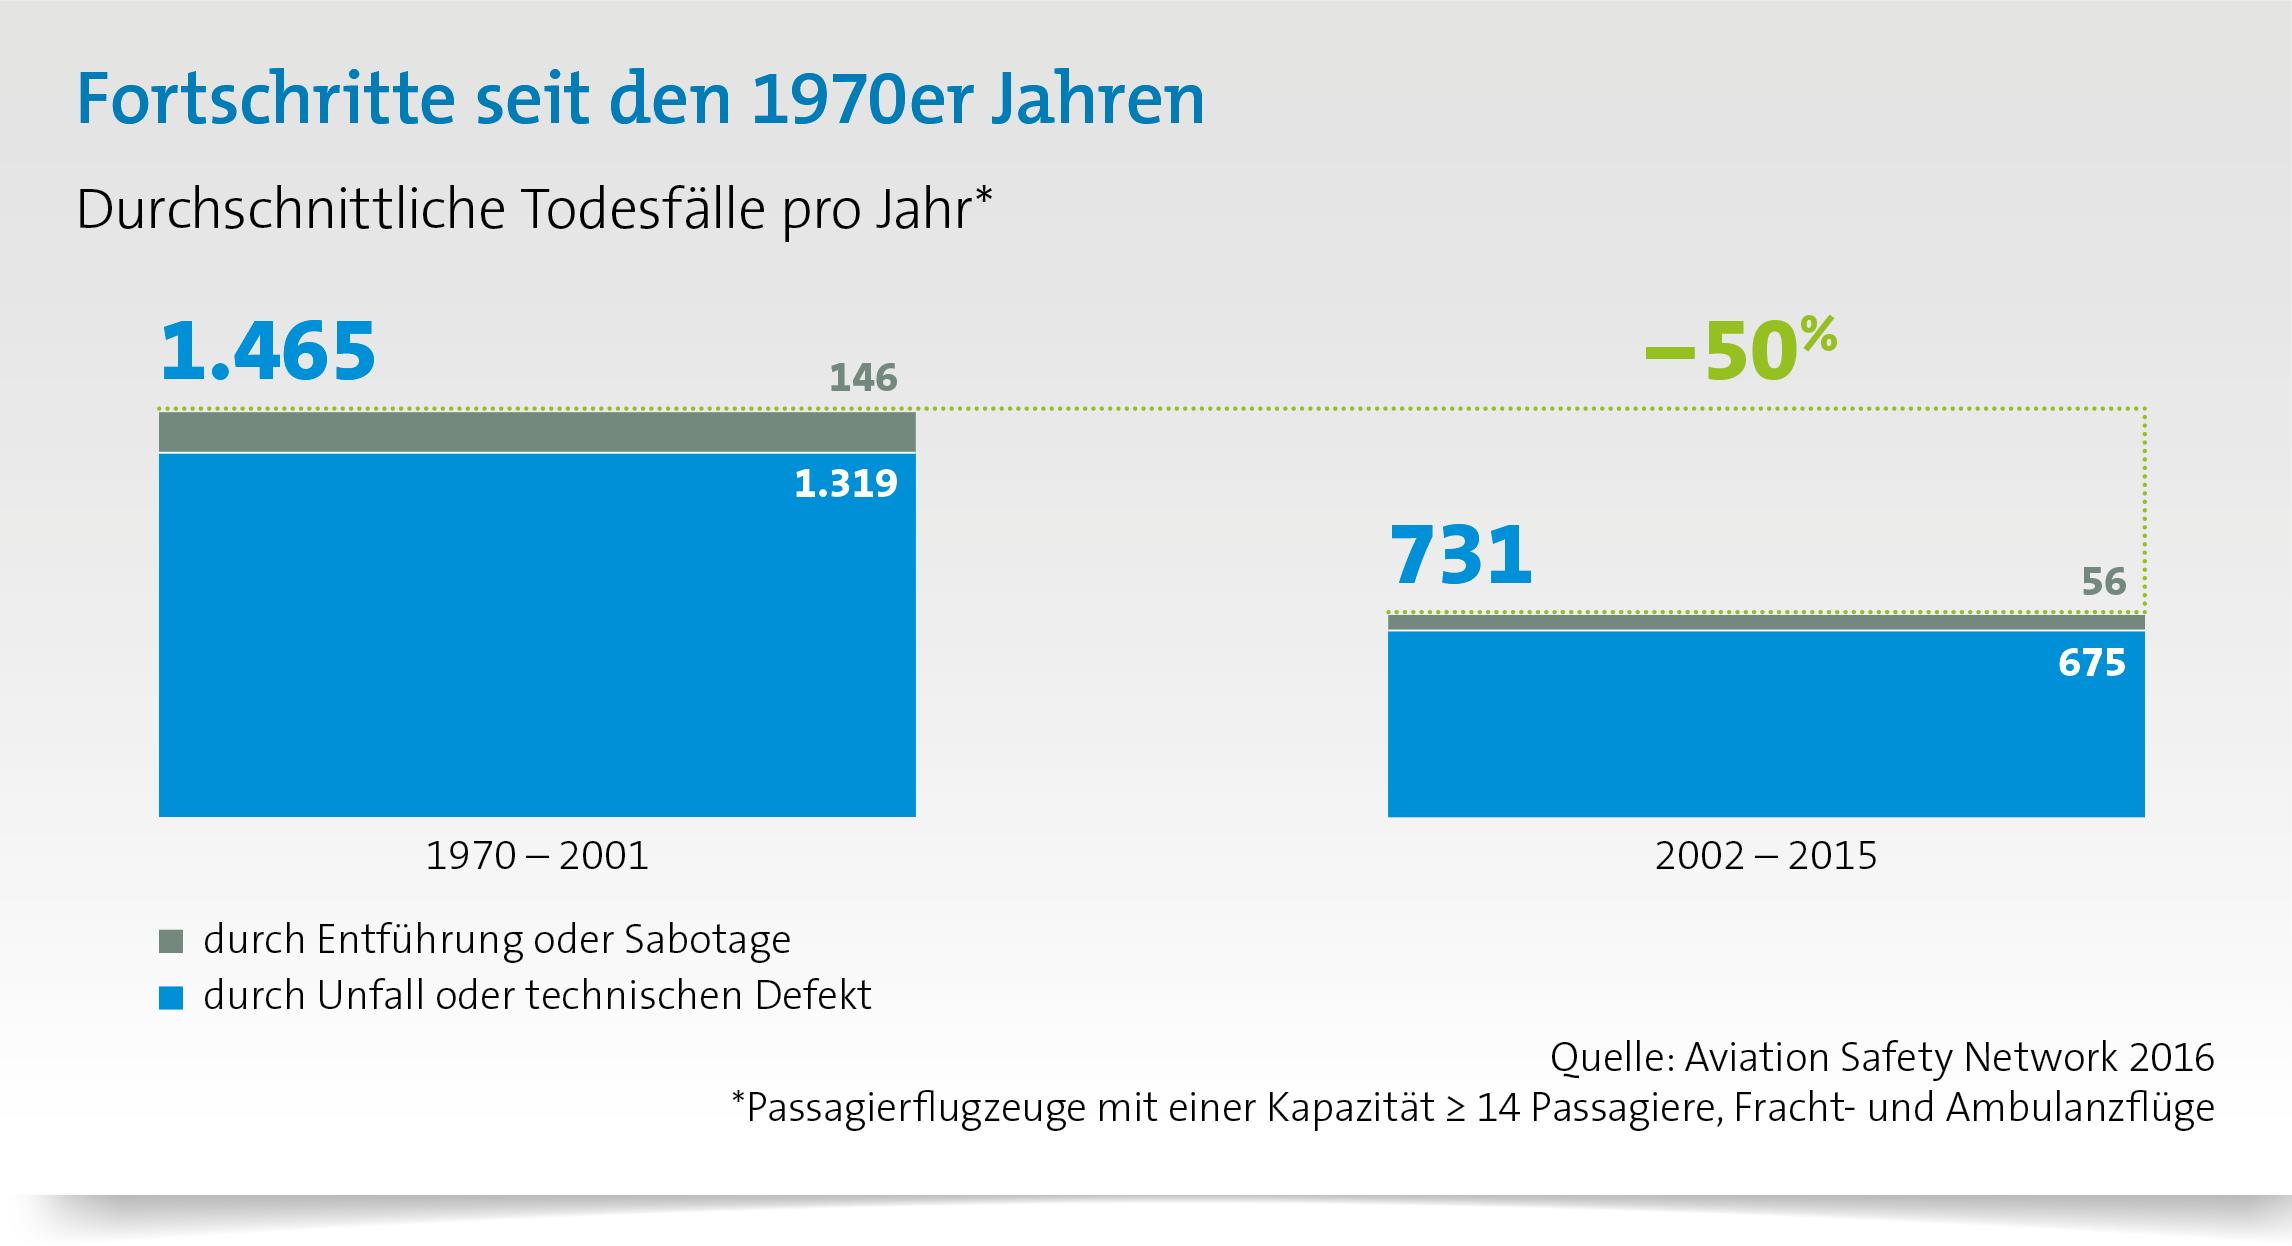 Durchschnittliche Todesfälle in der Luftfahrt seit 1970 stark gesunken